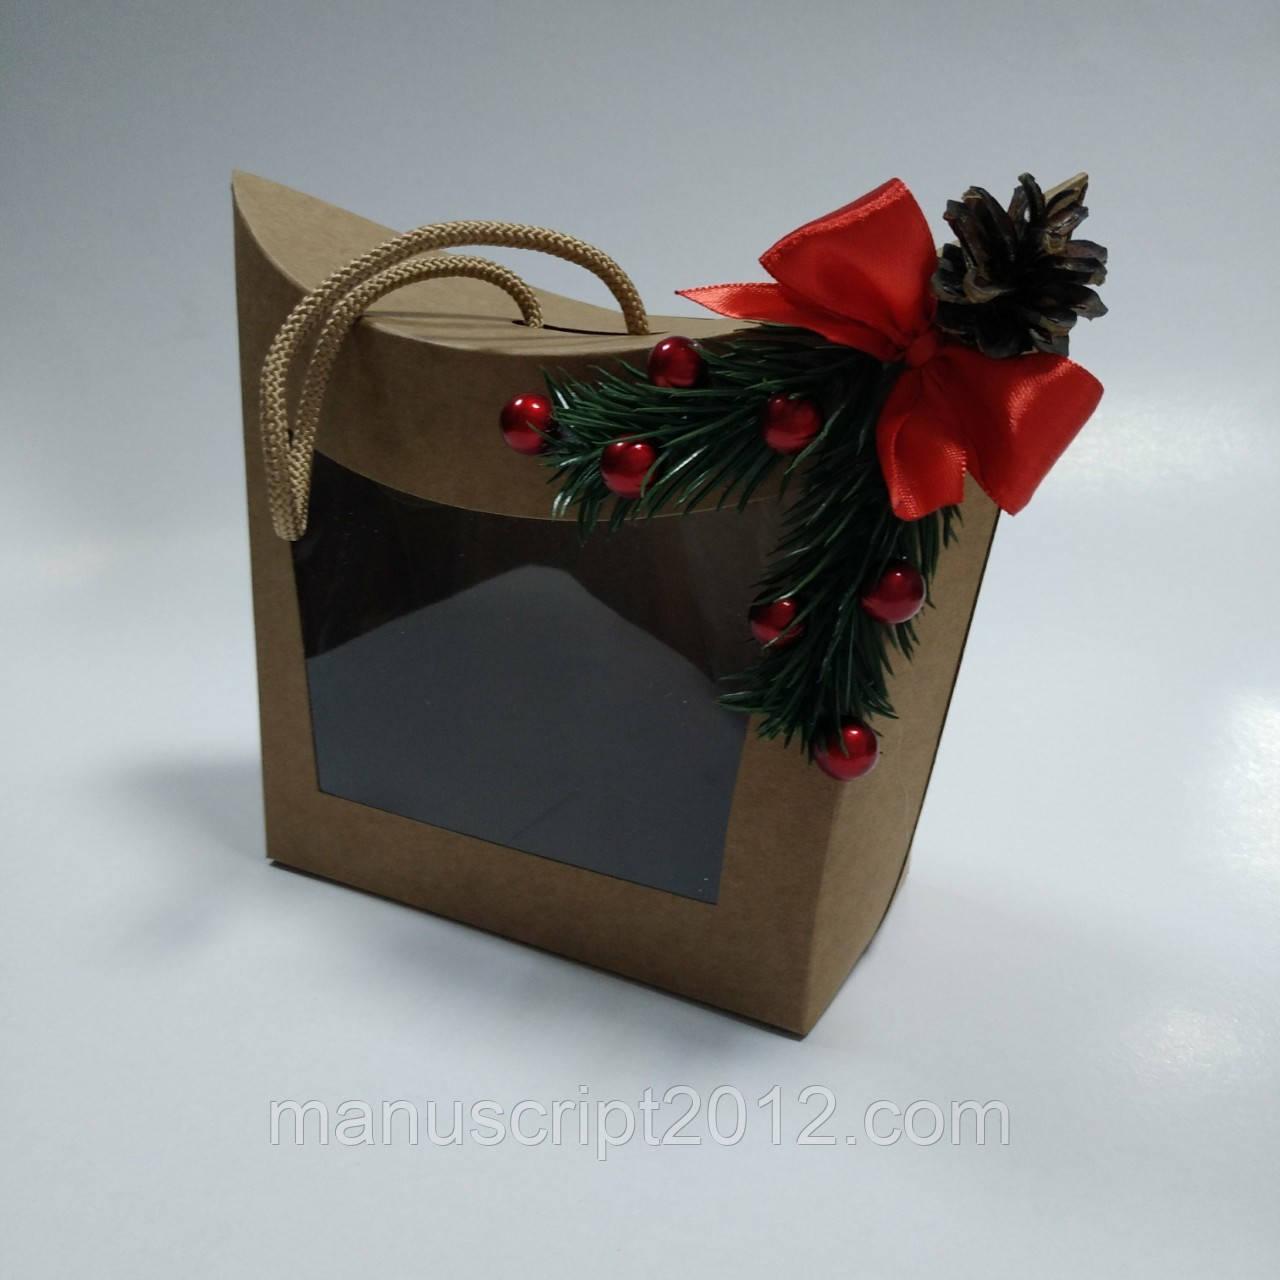 Коробка крафт подарочная с окном и новогодним декором